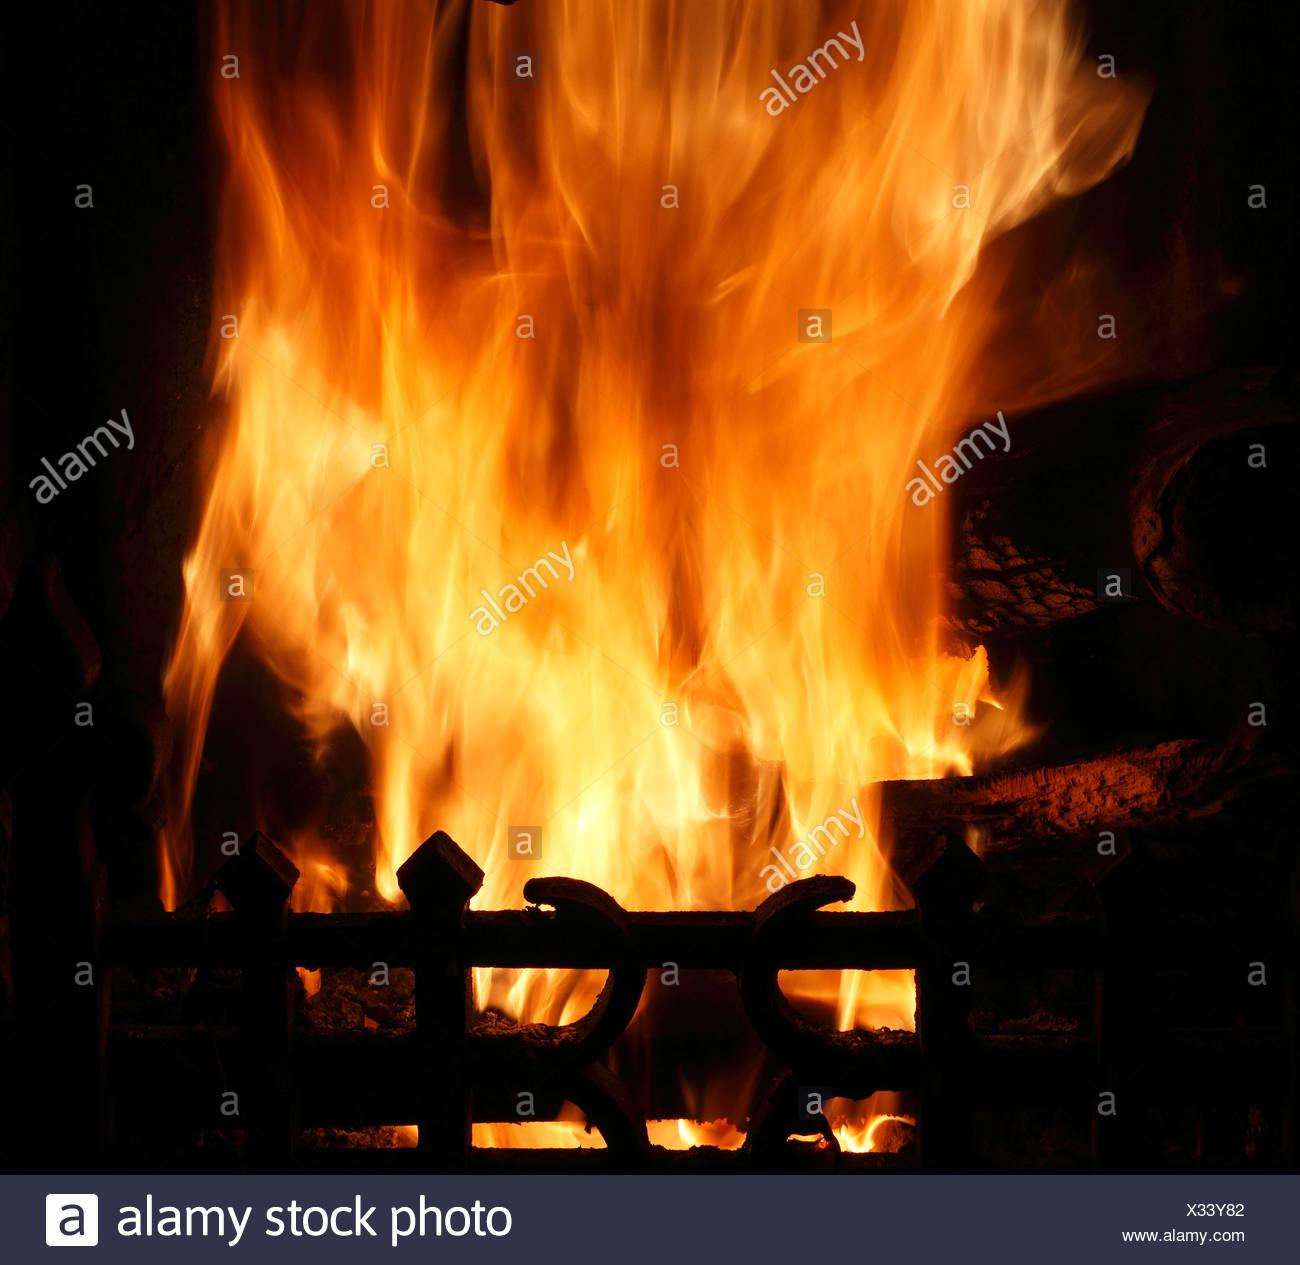 Incendie en foyer, la chaleur du feu flamme flammes chaleur chauffage bois charbon brûlant grille feux feux d'habitation Photo Stock